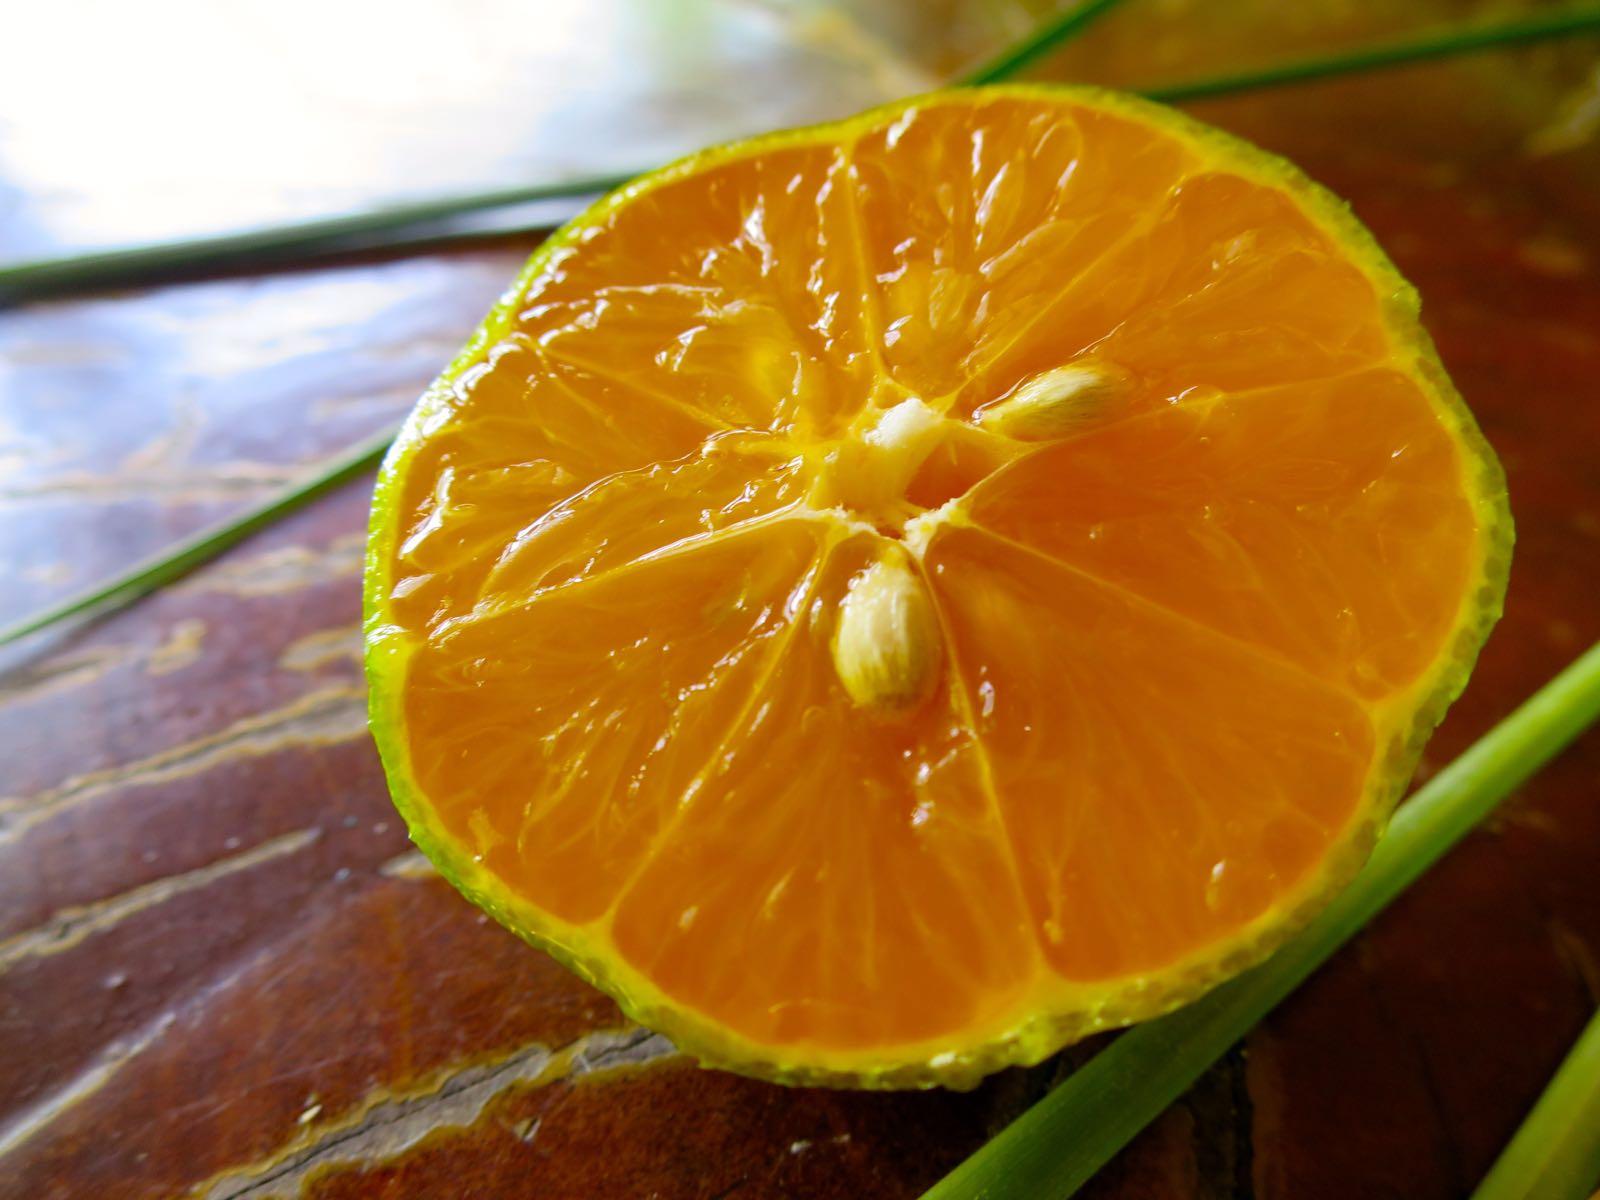 Tämä on sitruuna, ei mandariini (hassua)